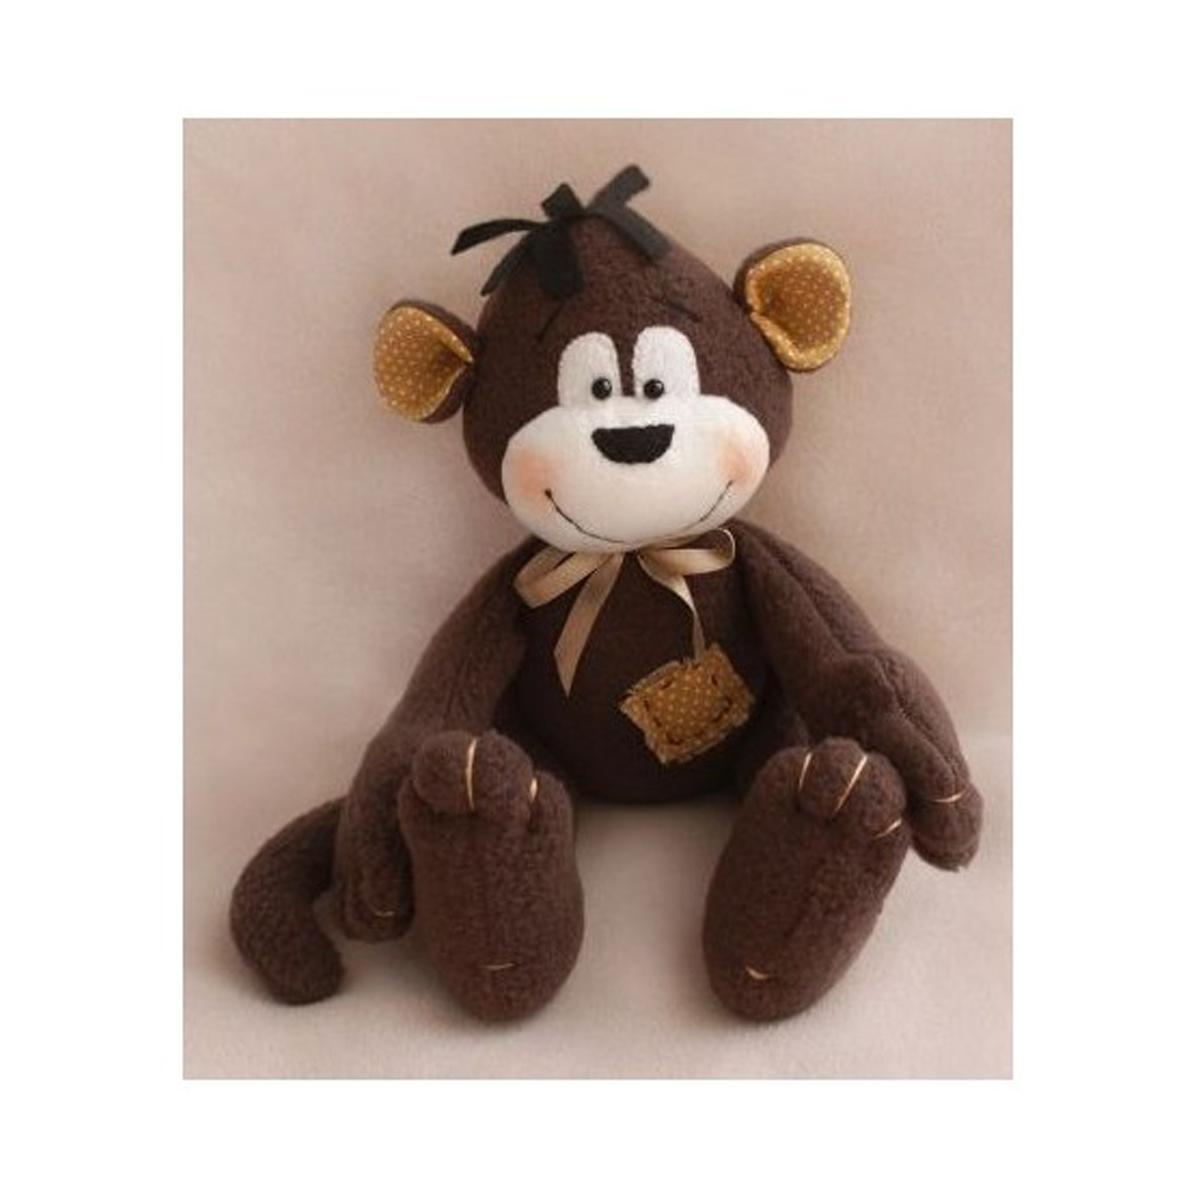 Набор для изготовления игрушки Ваниль Monkey Story. Обезьянка, 16 см. MN001488372В состав набора входит: флис, трикотаж, хлопок, фетр, нитки, иголка, бусины, атласная лента, деревянная палочка, выкройка, подробная инструкция.